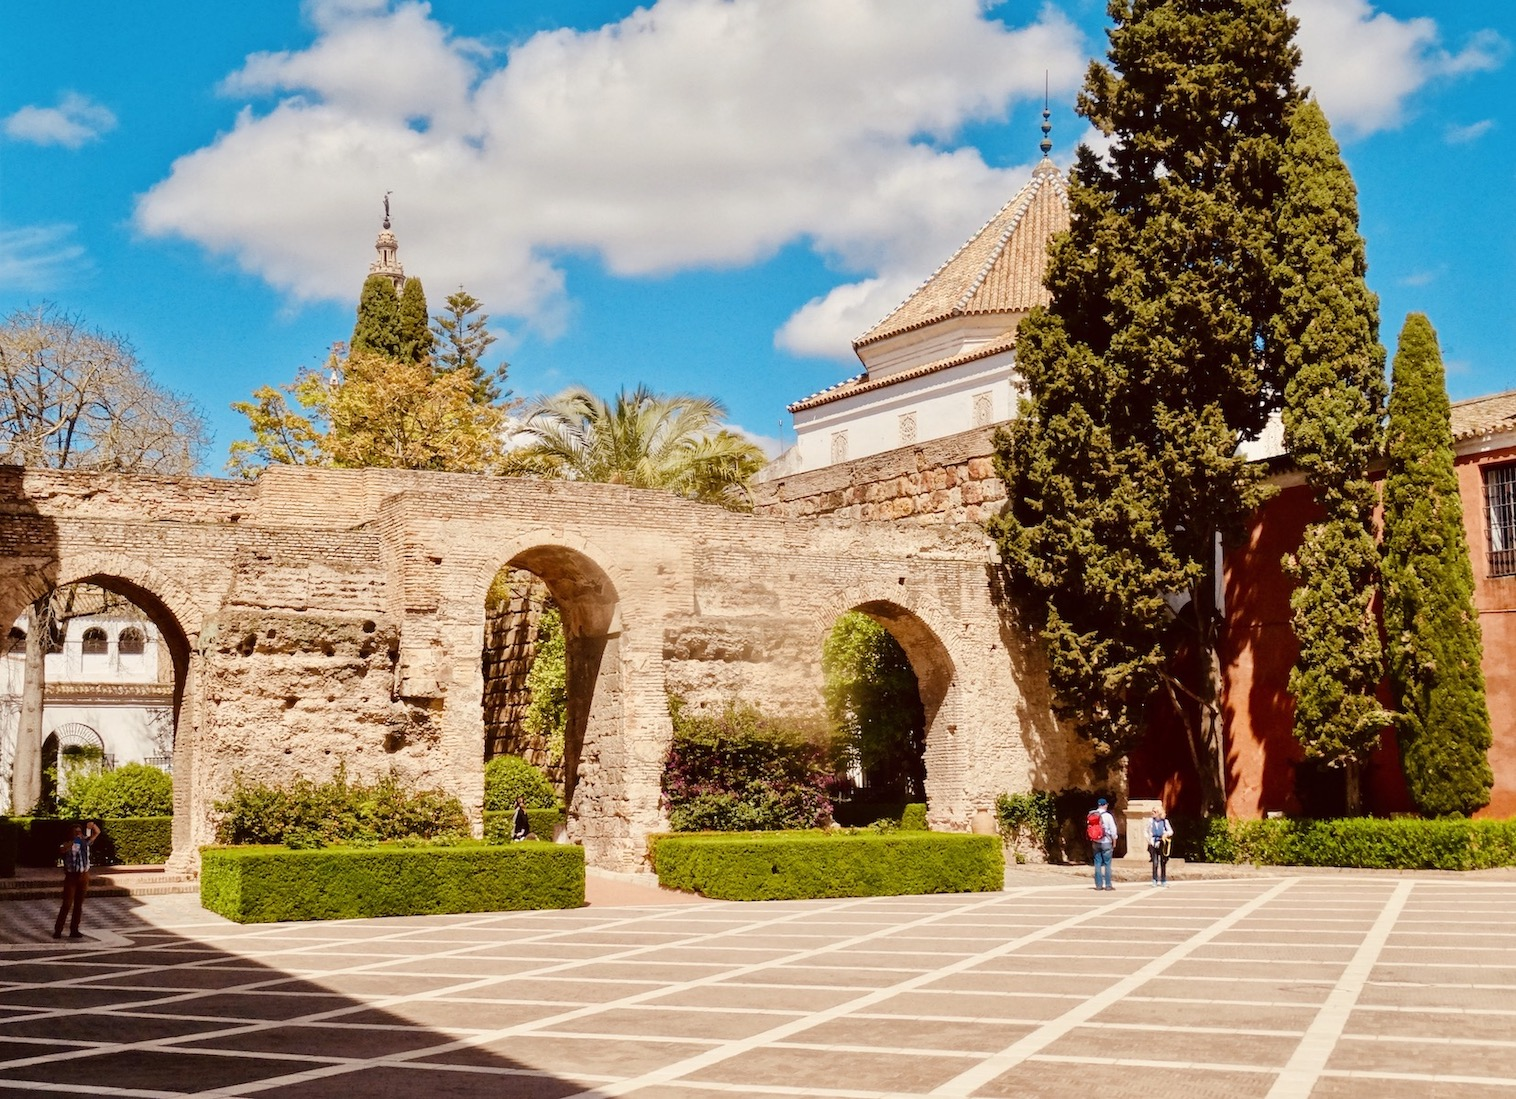 The Alcazar Seville.